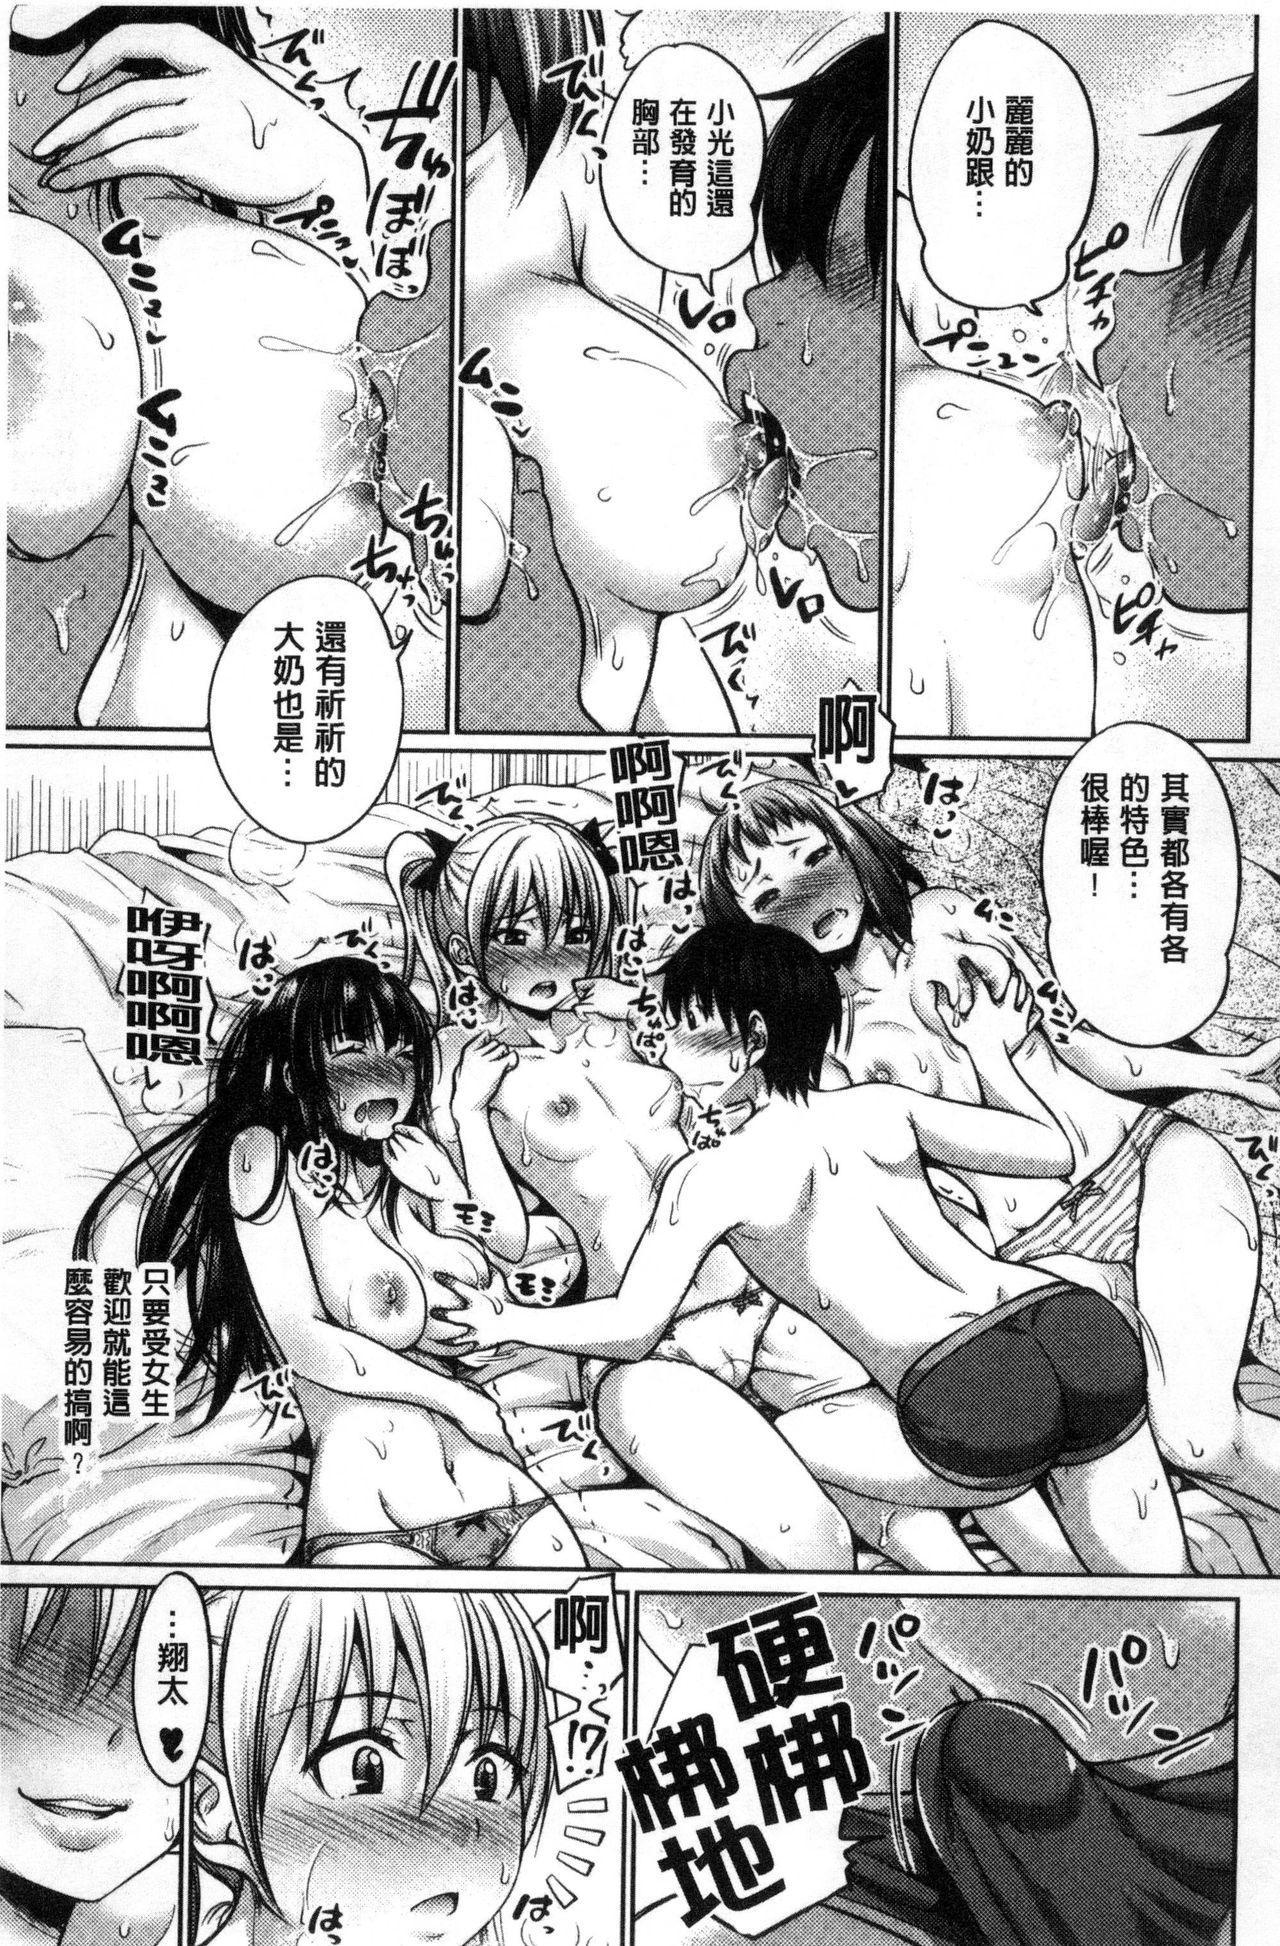 [Takuwan] Sanshimai Show Time -Moshi Ore ga 10-nen mae no Sugata de Seishun Yarinaosetara- | 三姉妹ShowTime -如果我以10年前的模樣青春再玩一次的話- [Chinese] 50